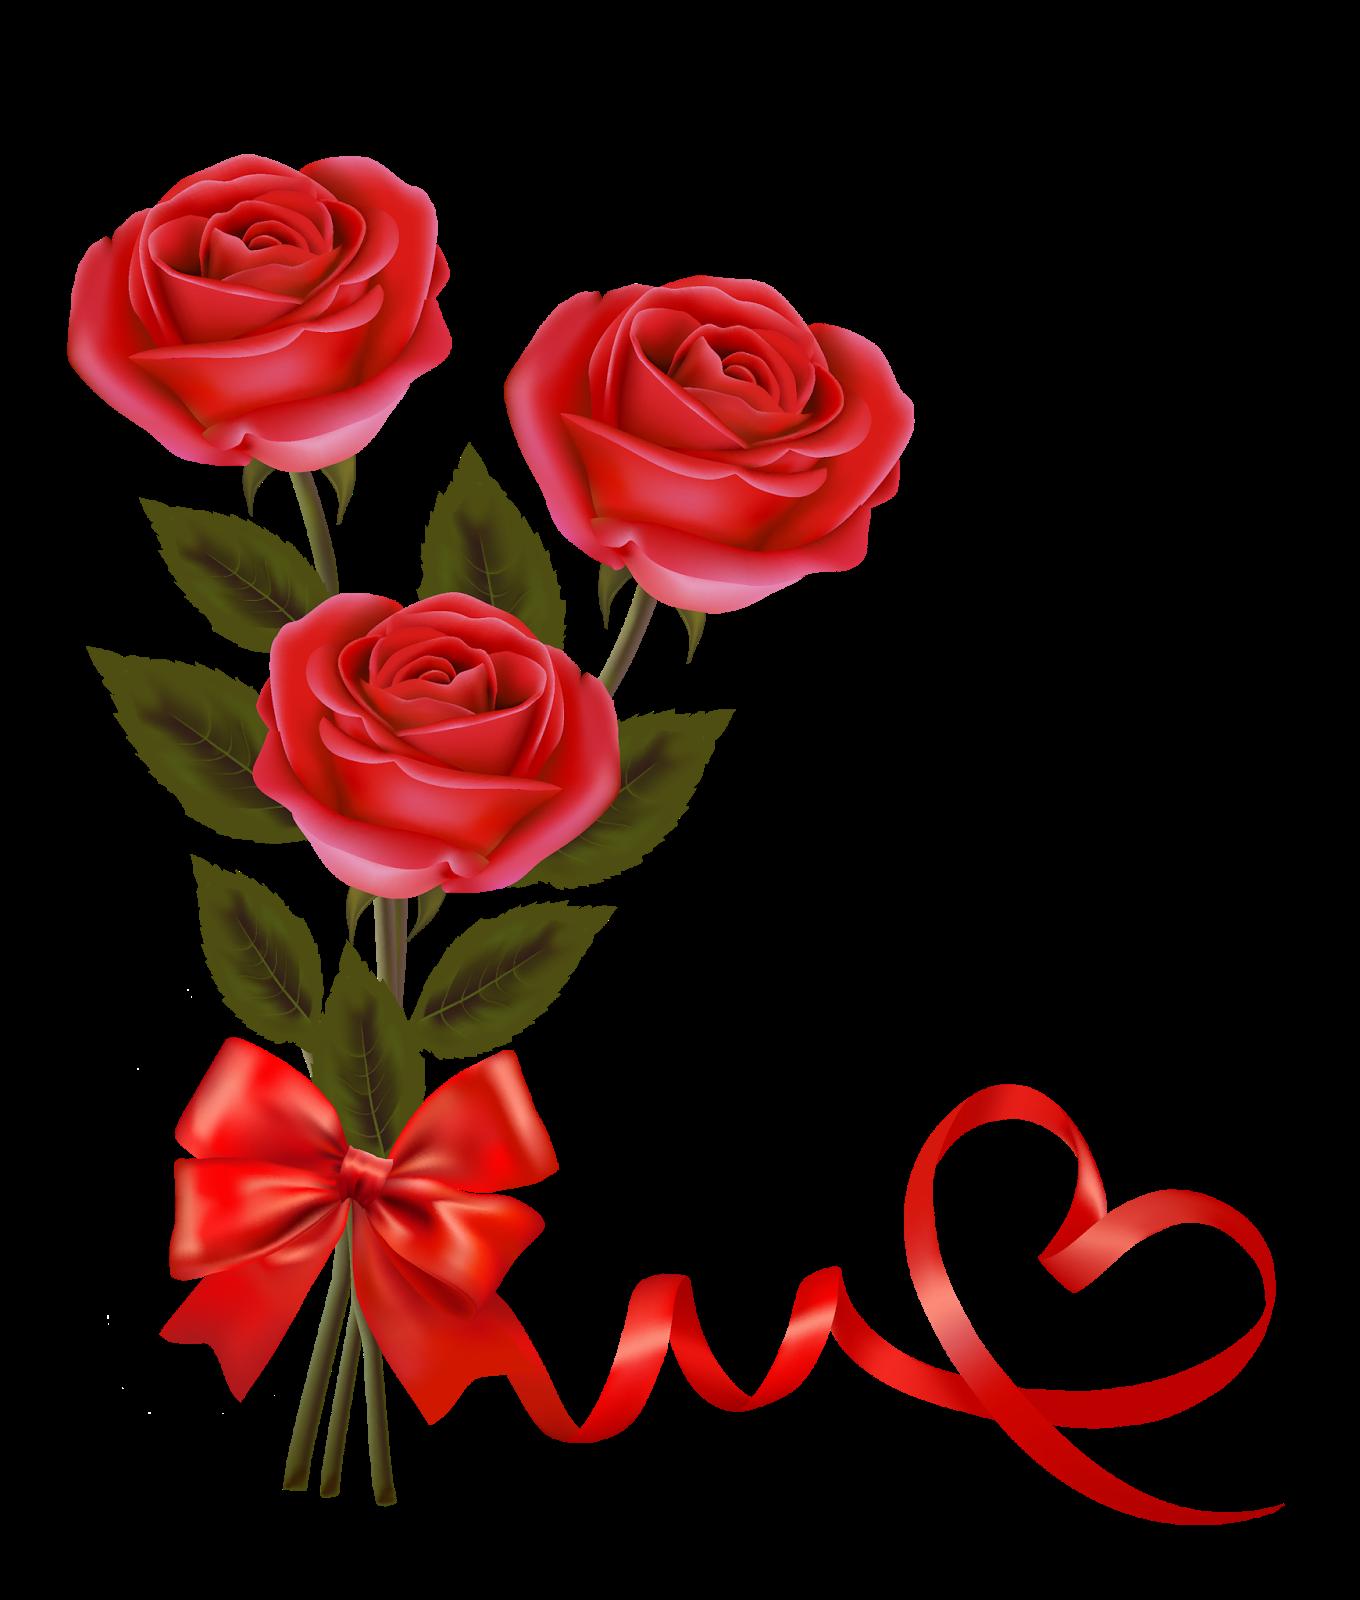 Rose PNG HD - 125292